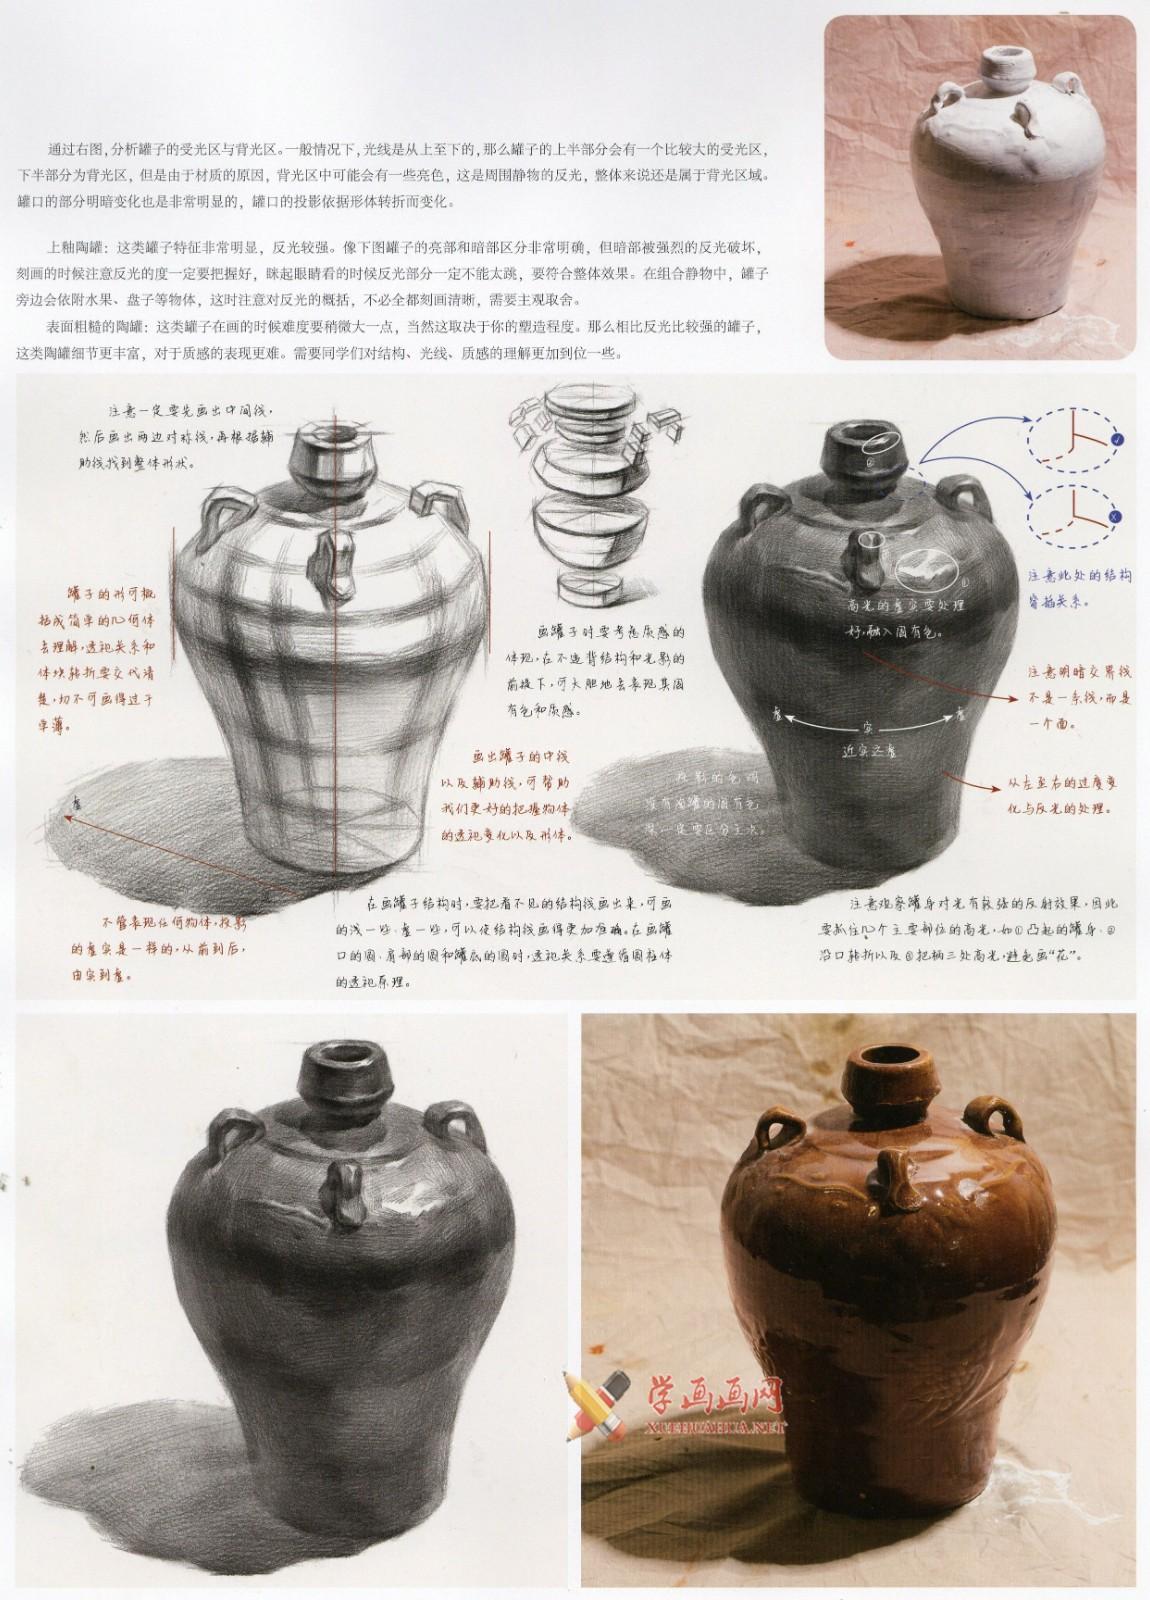 素描陶罐、陶瓷类静物画法图解及临摹范画图片(8)